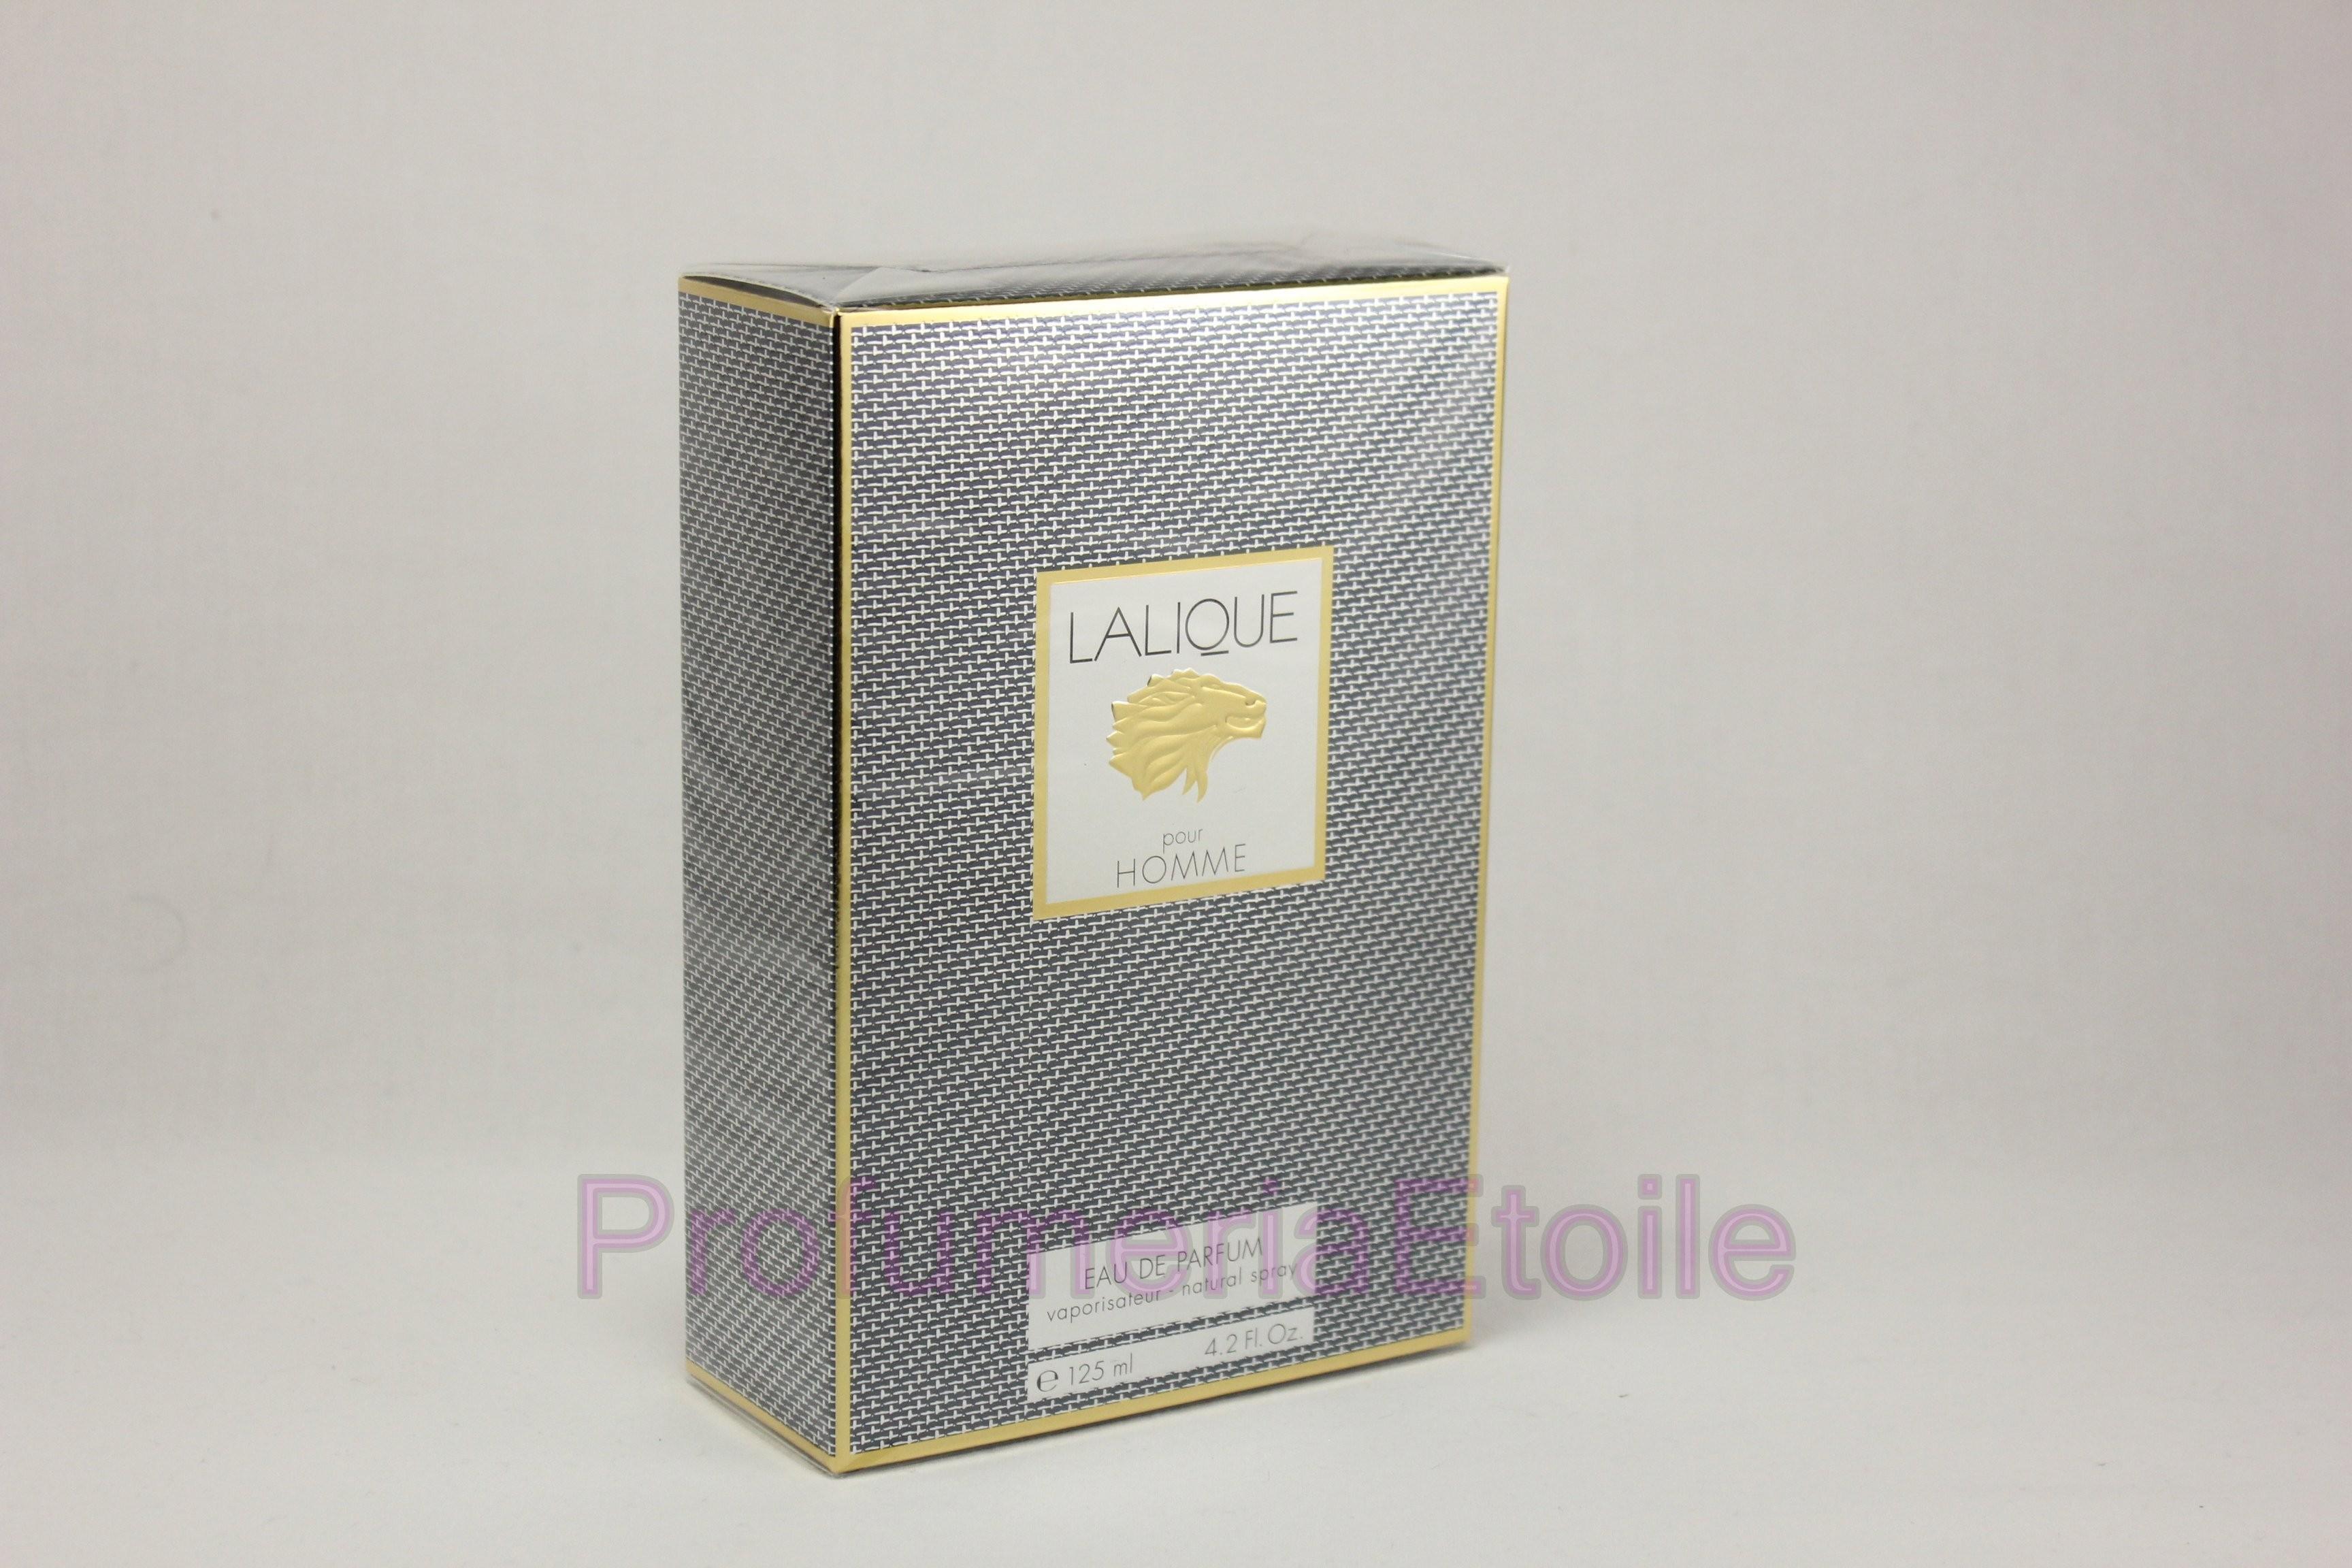 LALIQUE POUR HOMME LION PROFUMO UOMO EDP 125ML VAPO Perfume for Men Spray -  Profumeria Etoile 3f981d64740